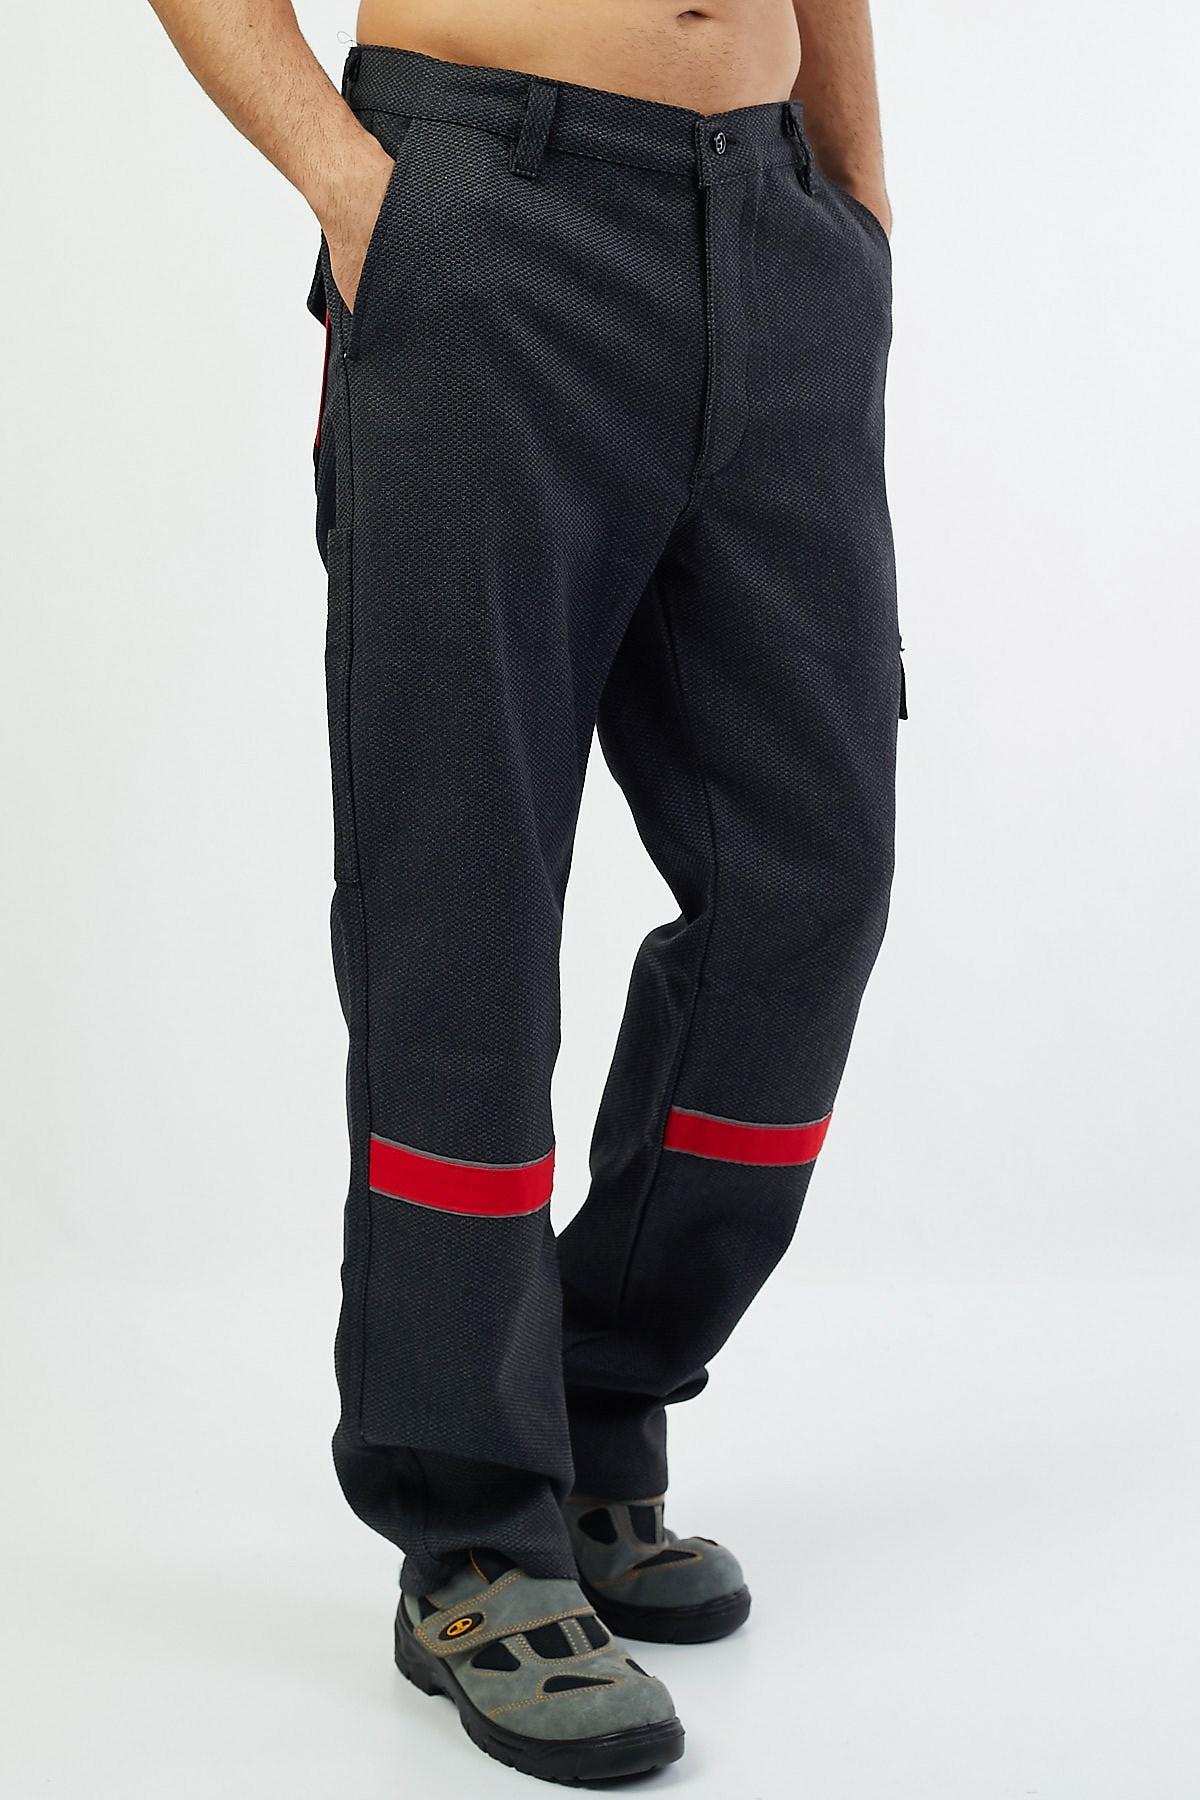 Kaşe Pantolon Kırmızı Biyeli